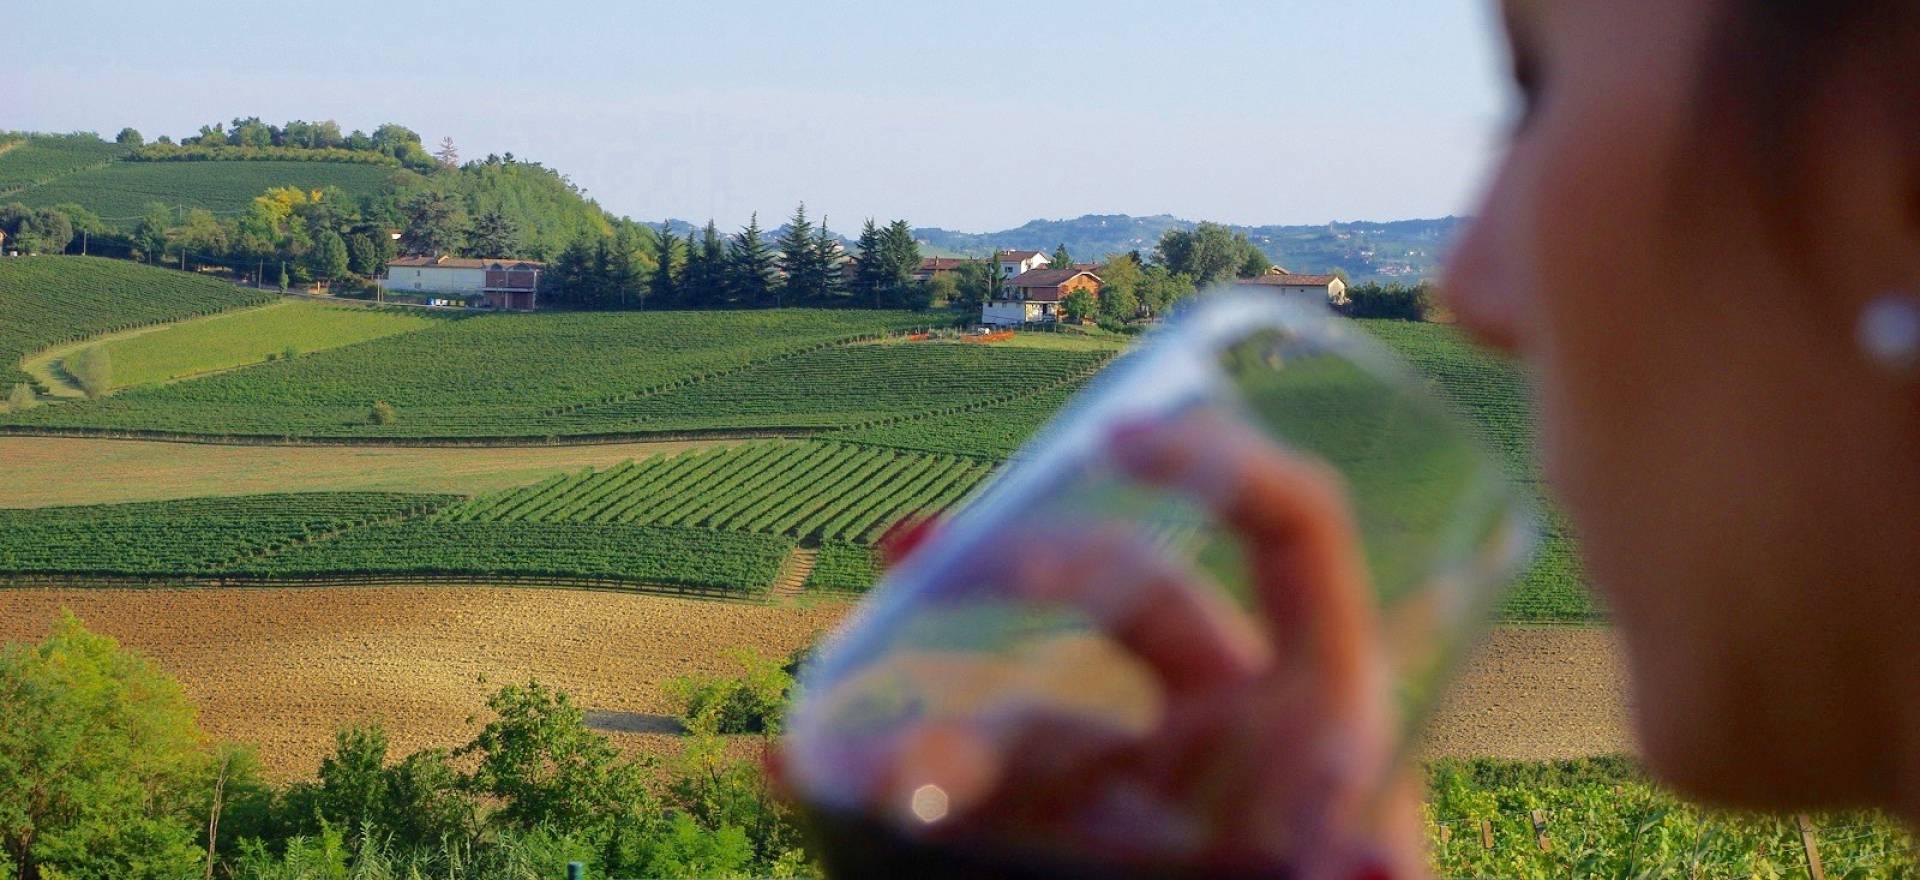 Knusse agriturismo in Piemonte tussen de wijngaarden